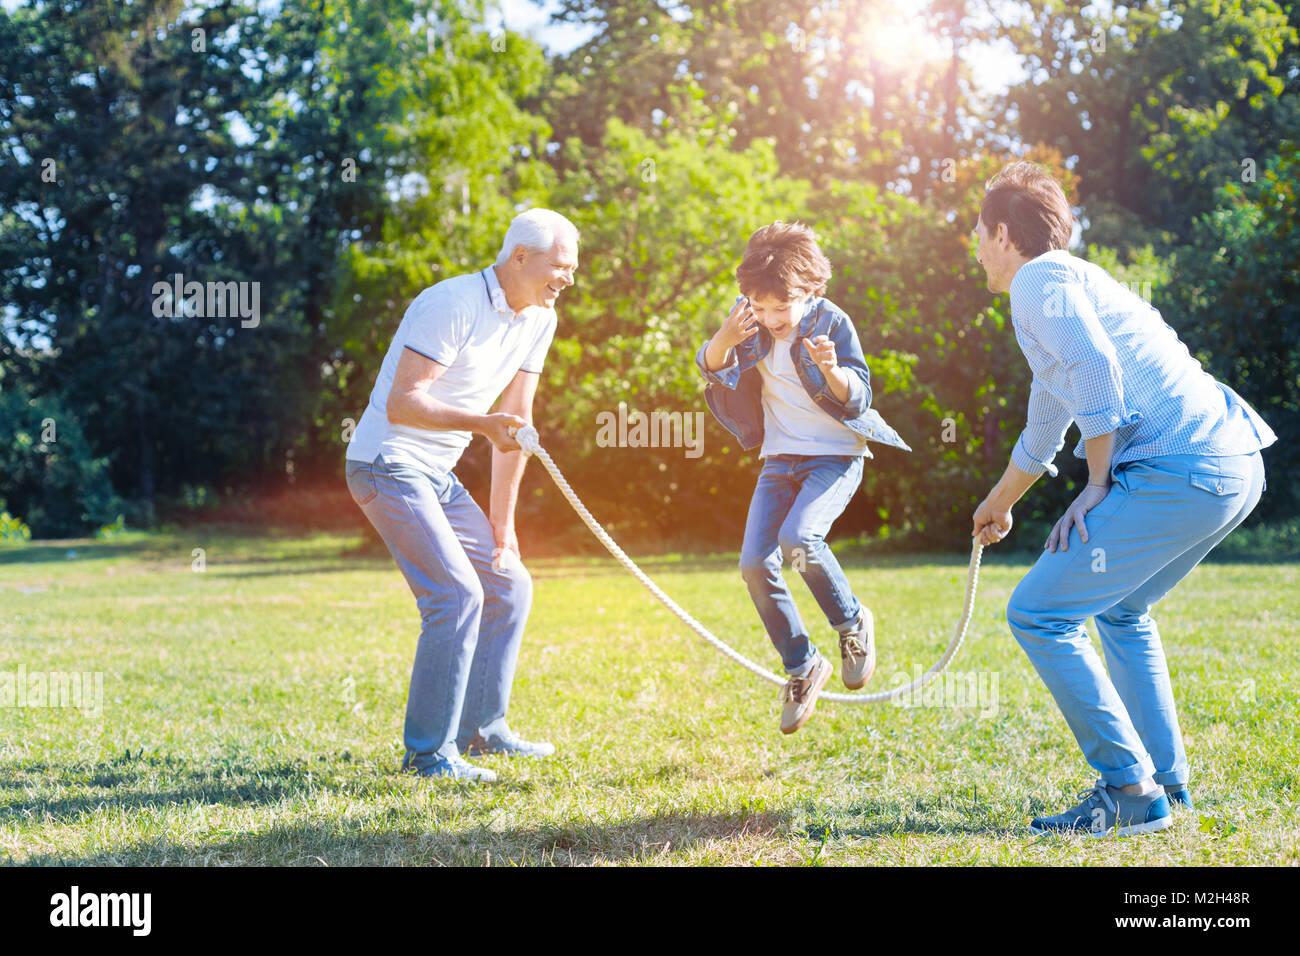 Unterstützende Familie spielen mit Seil springen in Park Stockbild